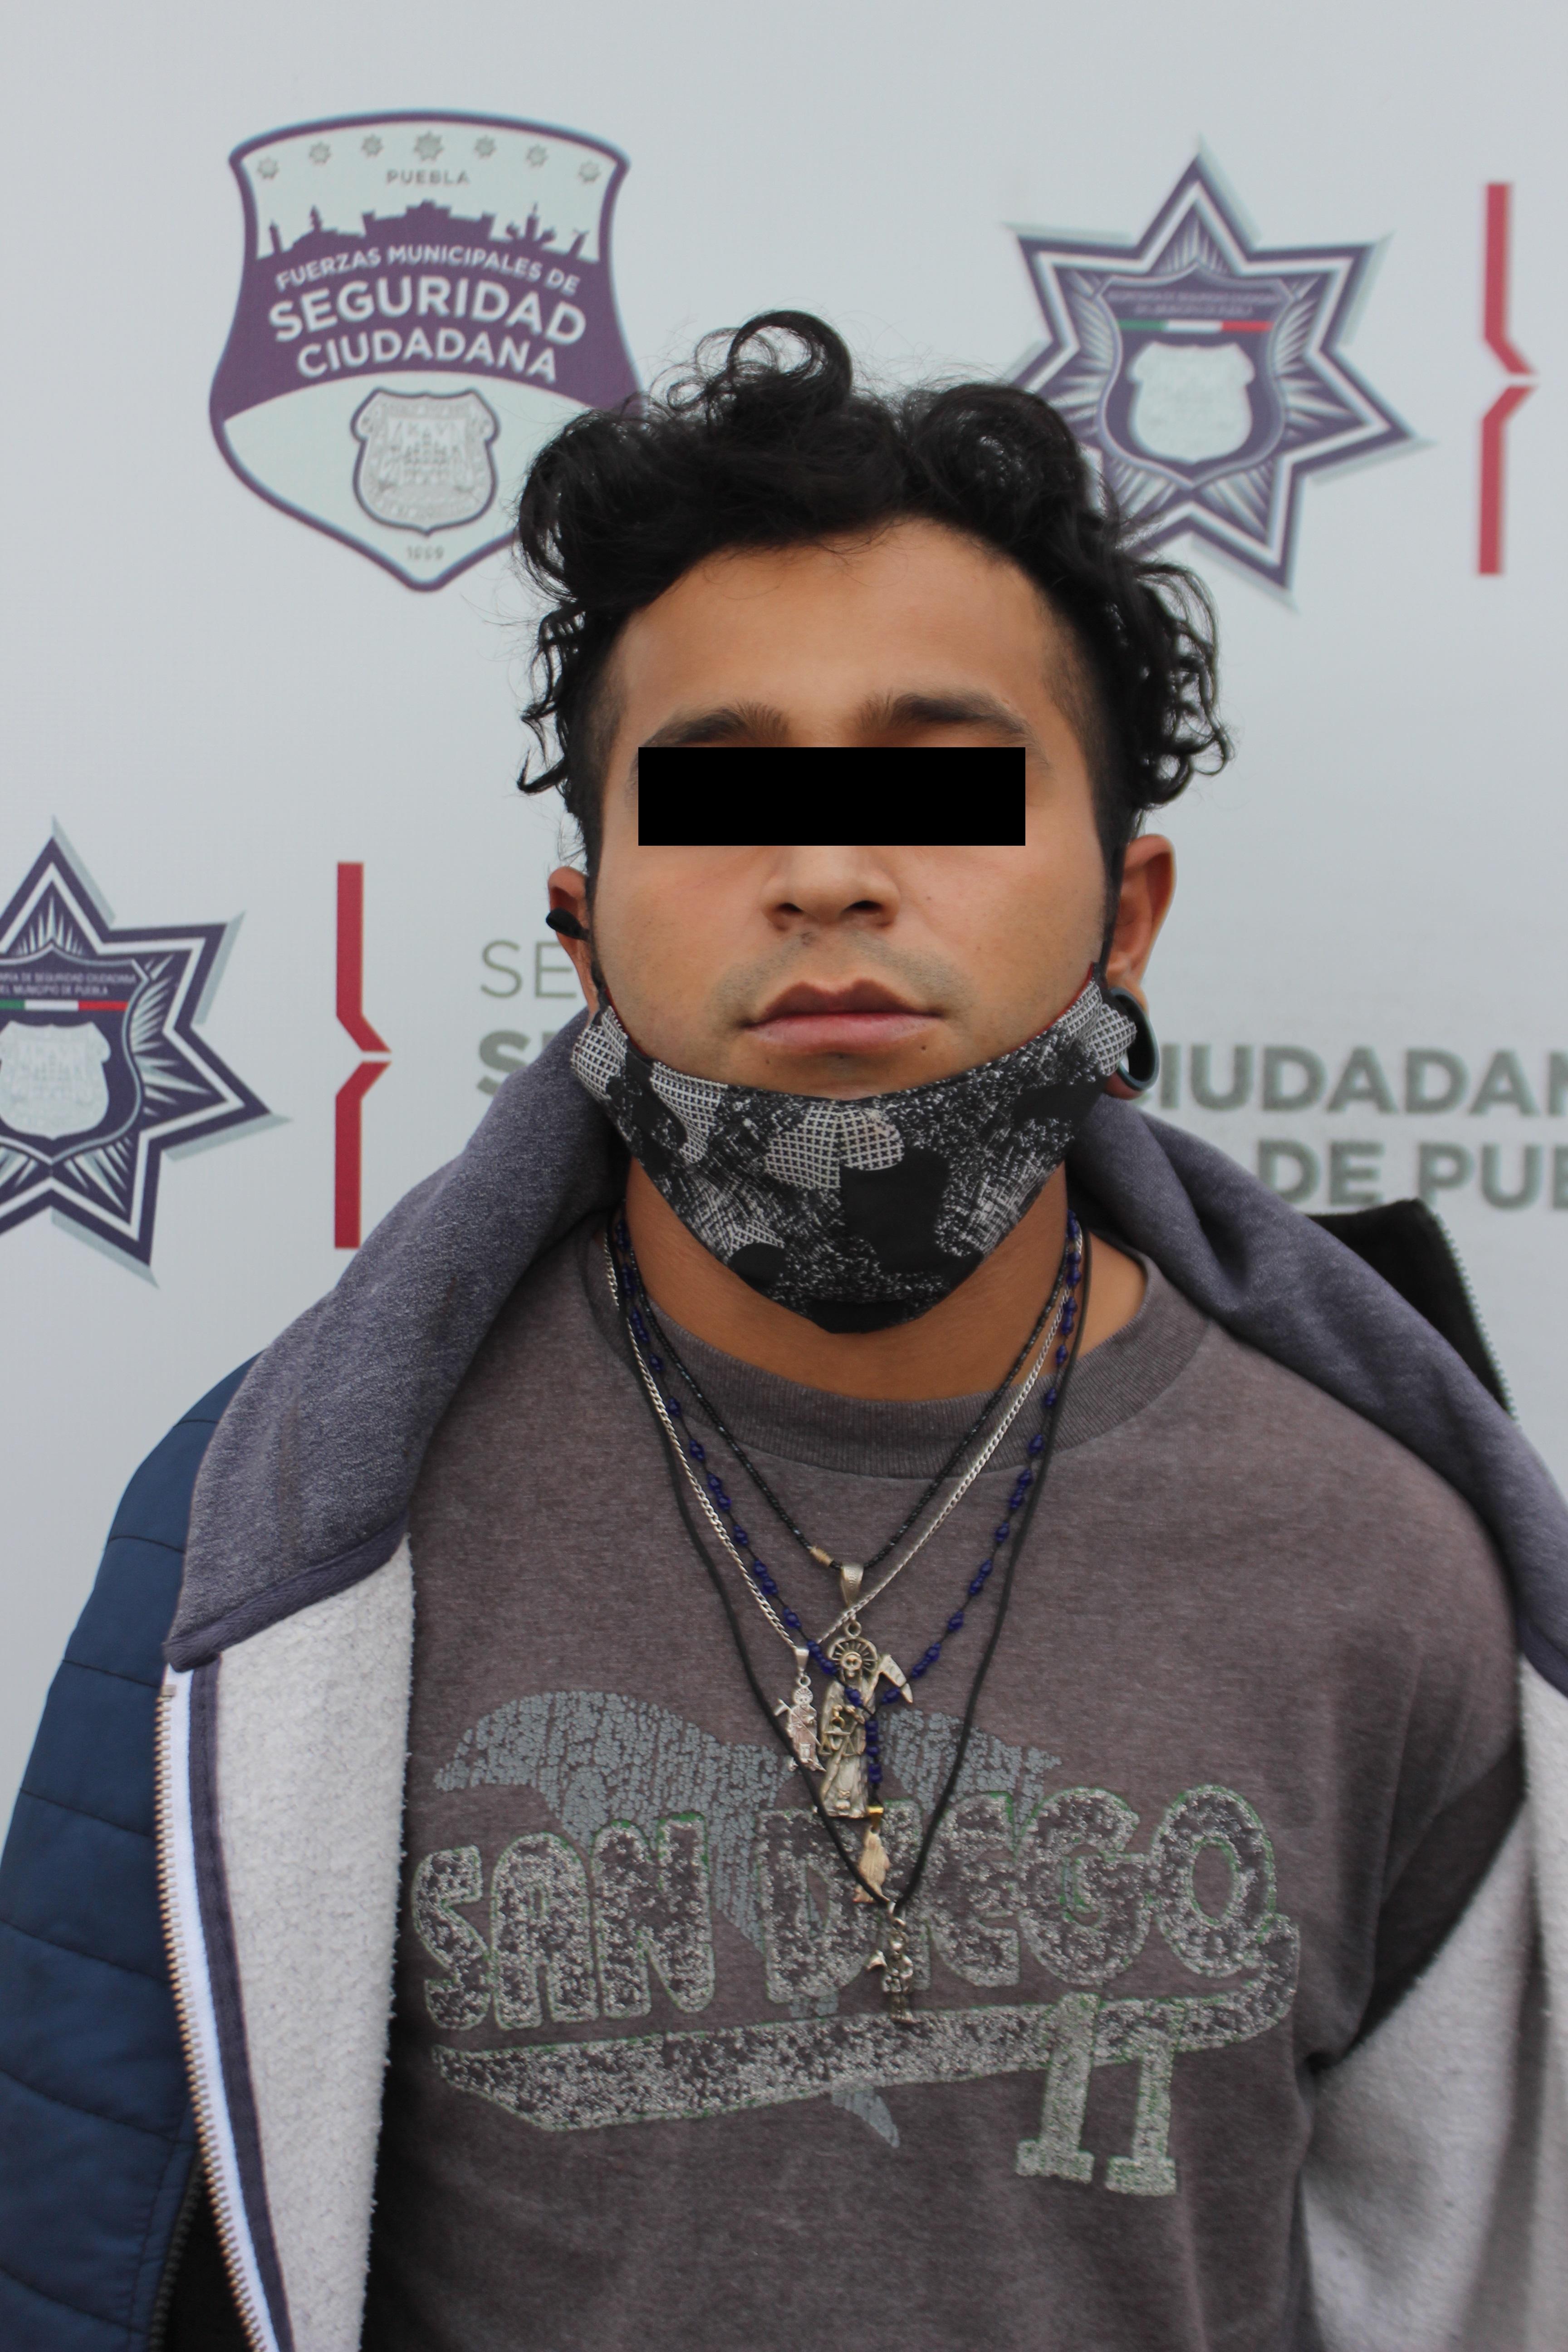 Detuvo Unidad Canina de la Policía Municipal de Puebla a hombre por portación ilegal de arma de fuego